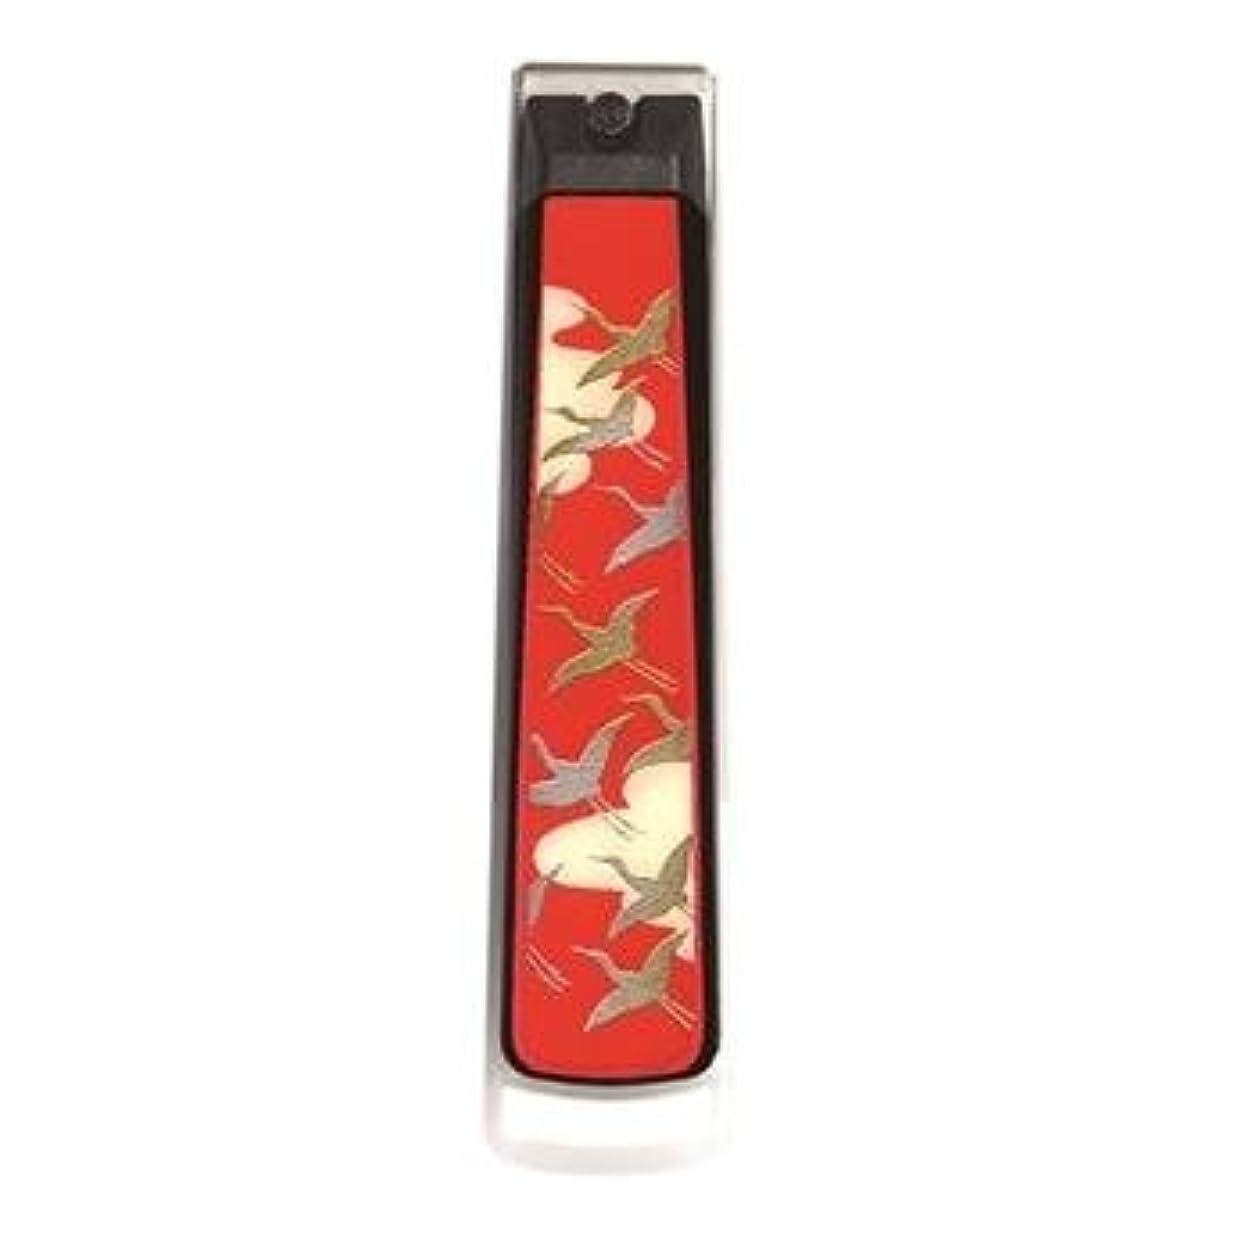 割り当てます文言静けさ紀州漆器 22-82-6I 蒔絵爪切り 桐箱入り 千羽鶴(曙) サイズ 2.4×10.5×2.1cm